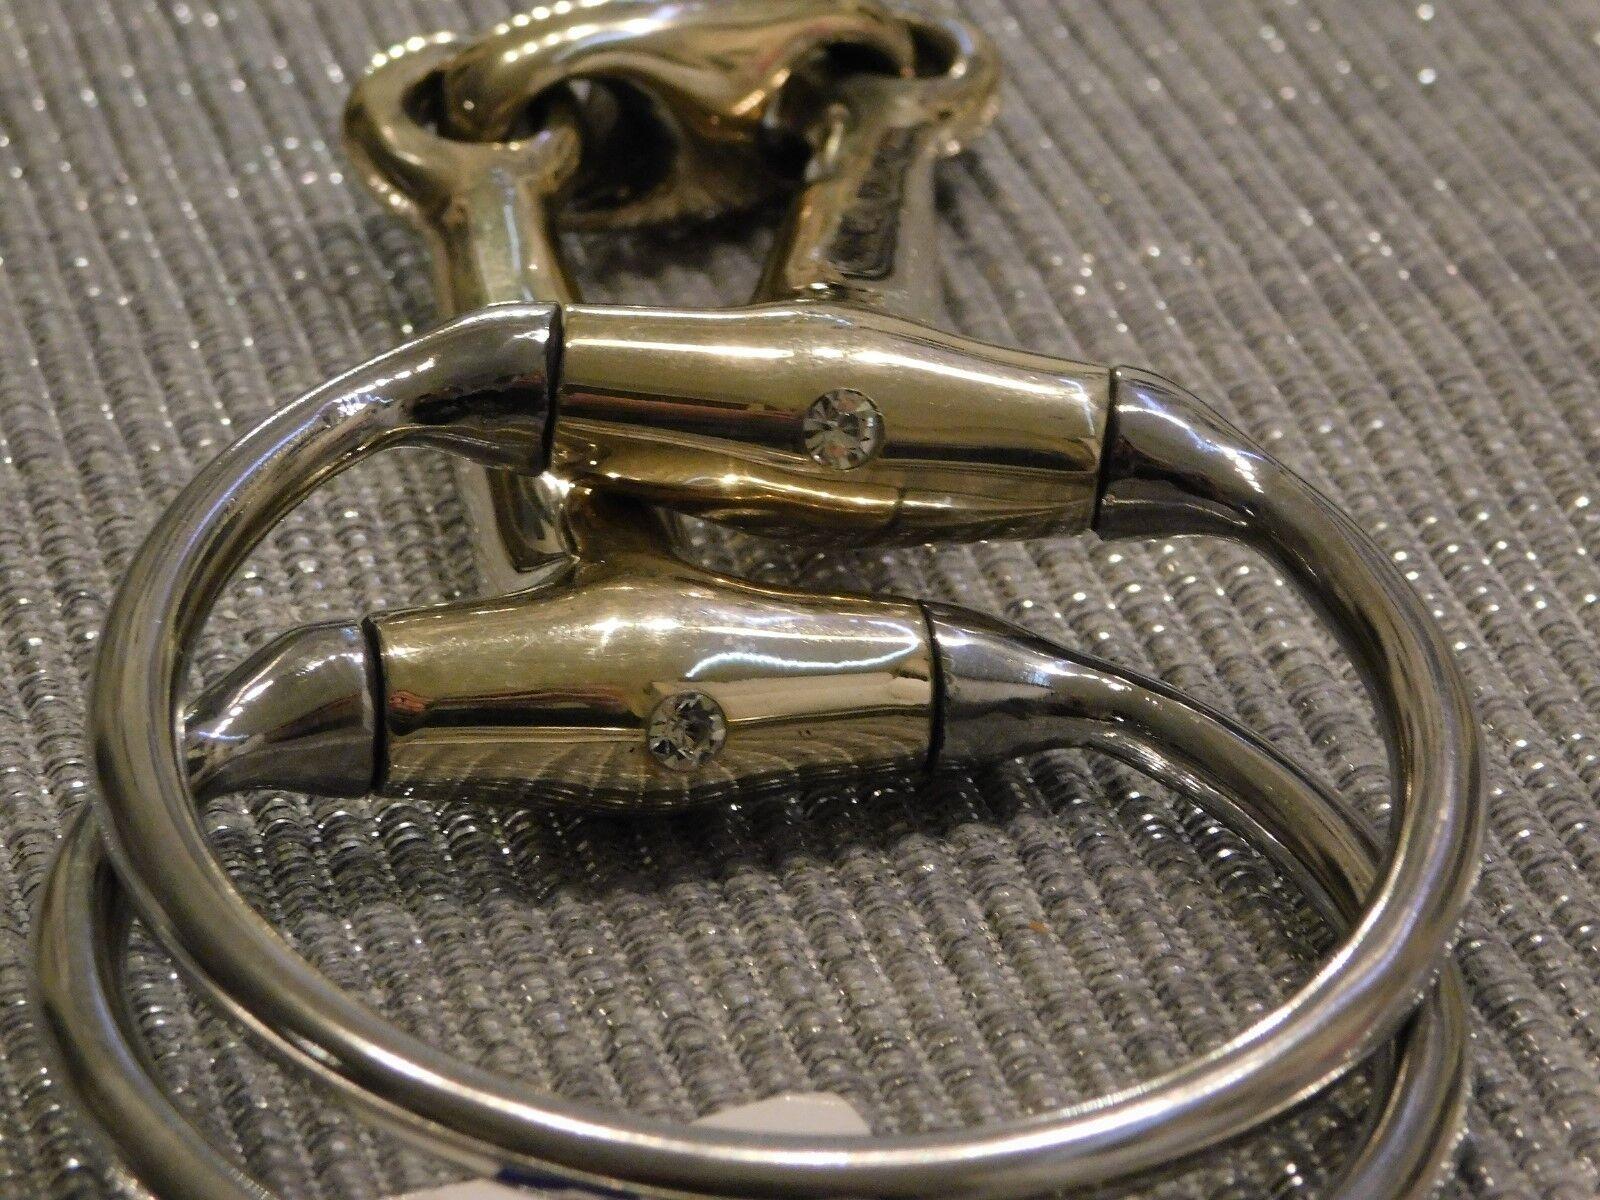 Dentaduras olivenkof sobre tamaño 15,5 16,5 17,5 18,5 pedrería brillo plataan doblemente G